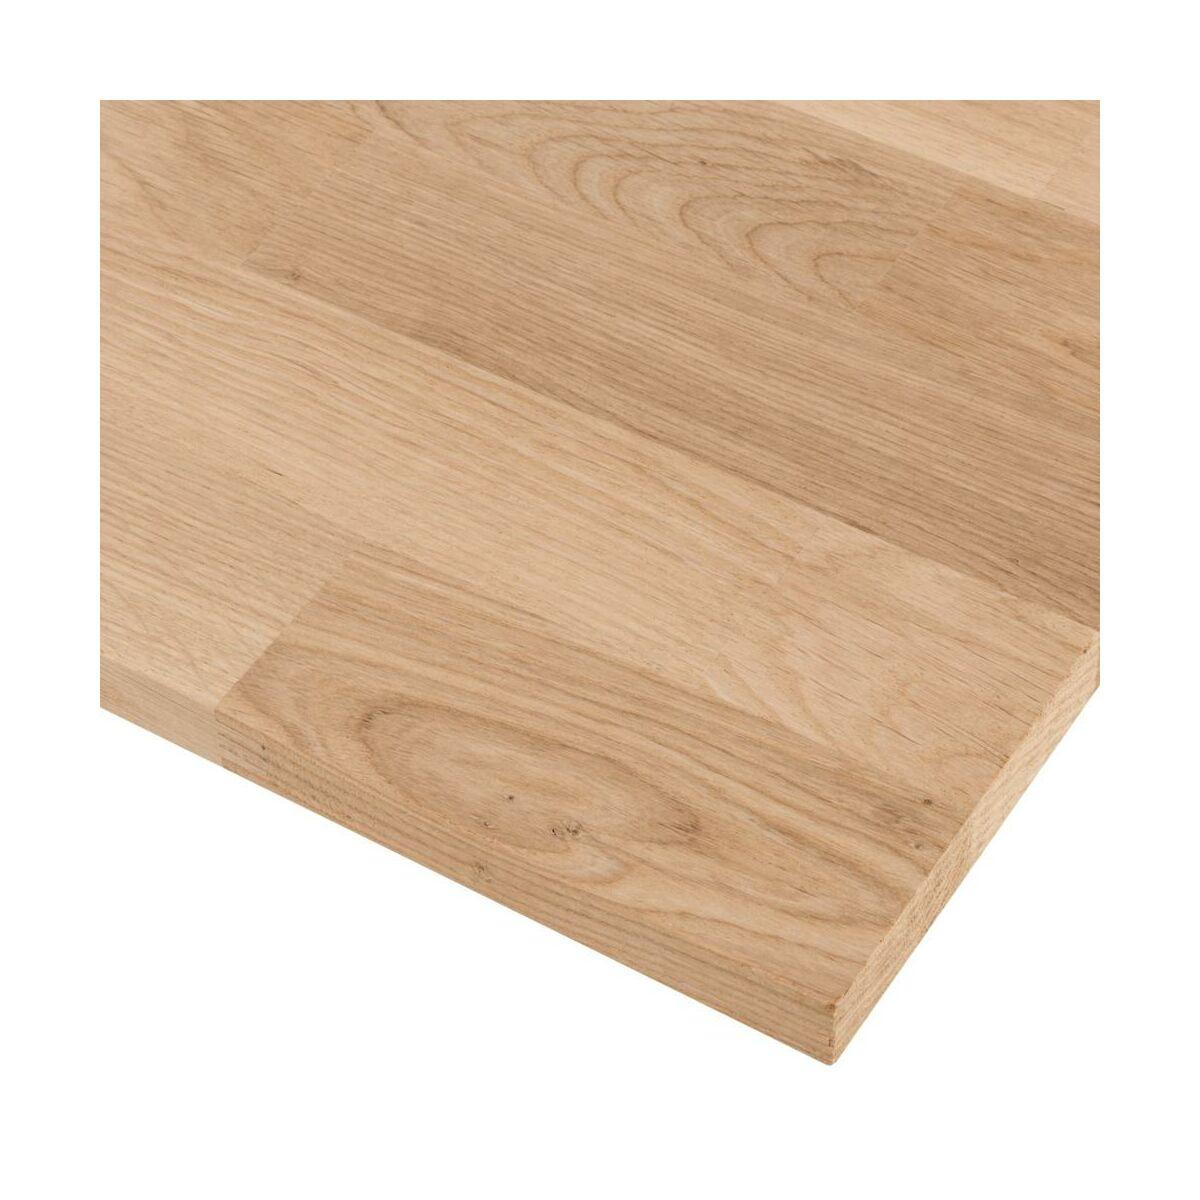 Blat Kuchenny Drewniany Dab Pphu Extrans Blaty Drewniane W